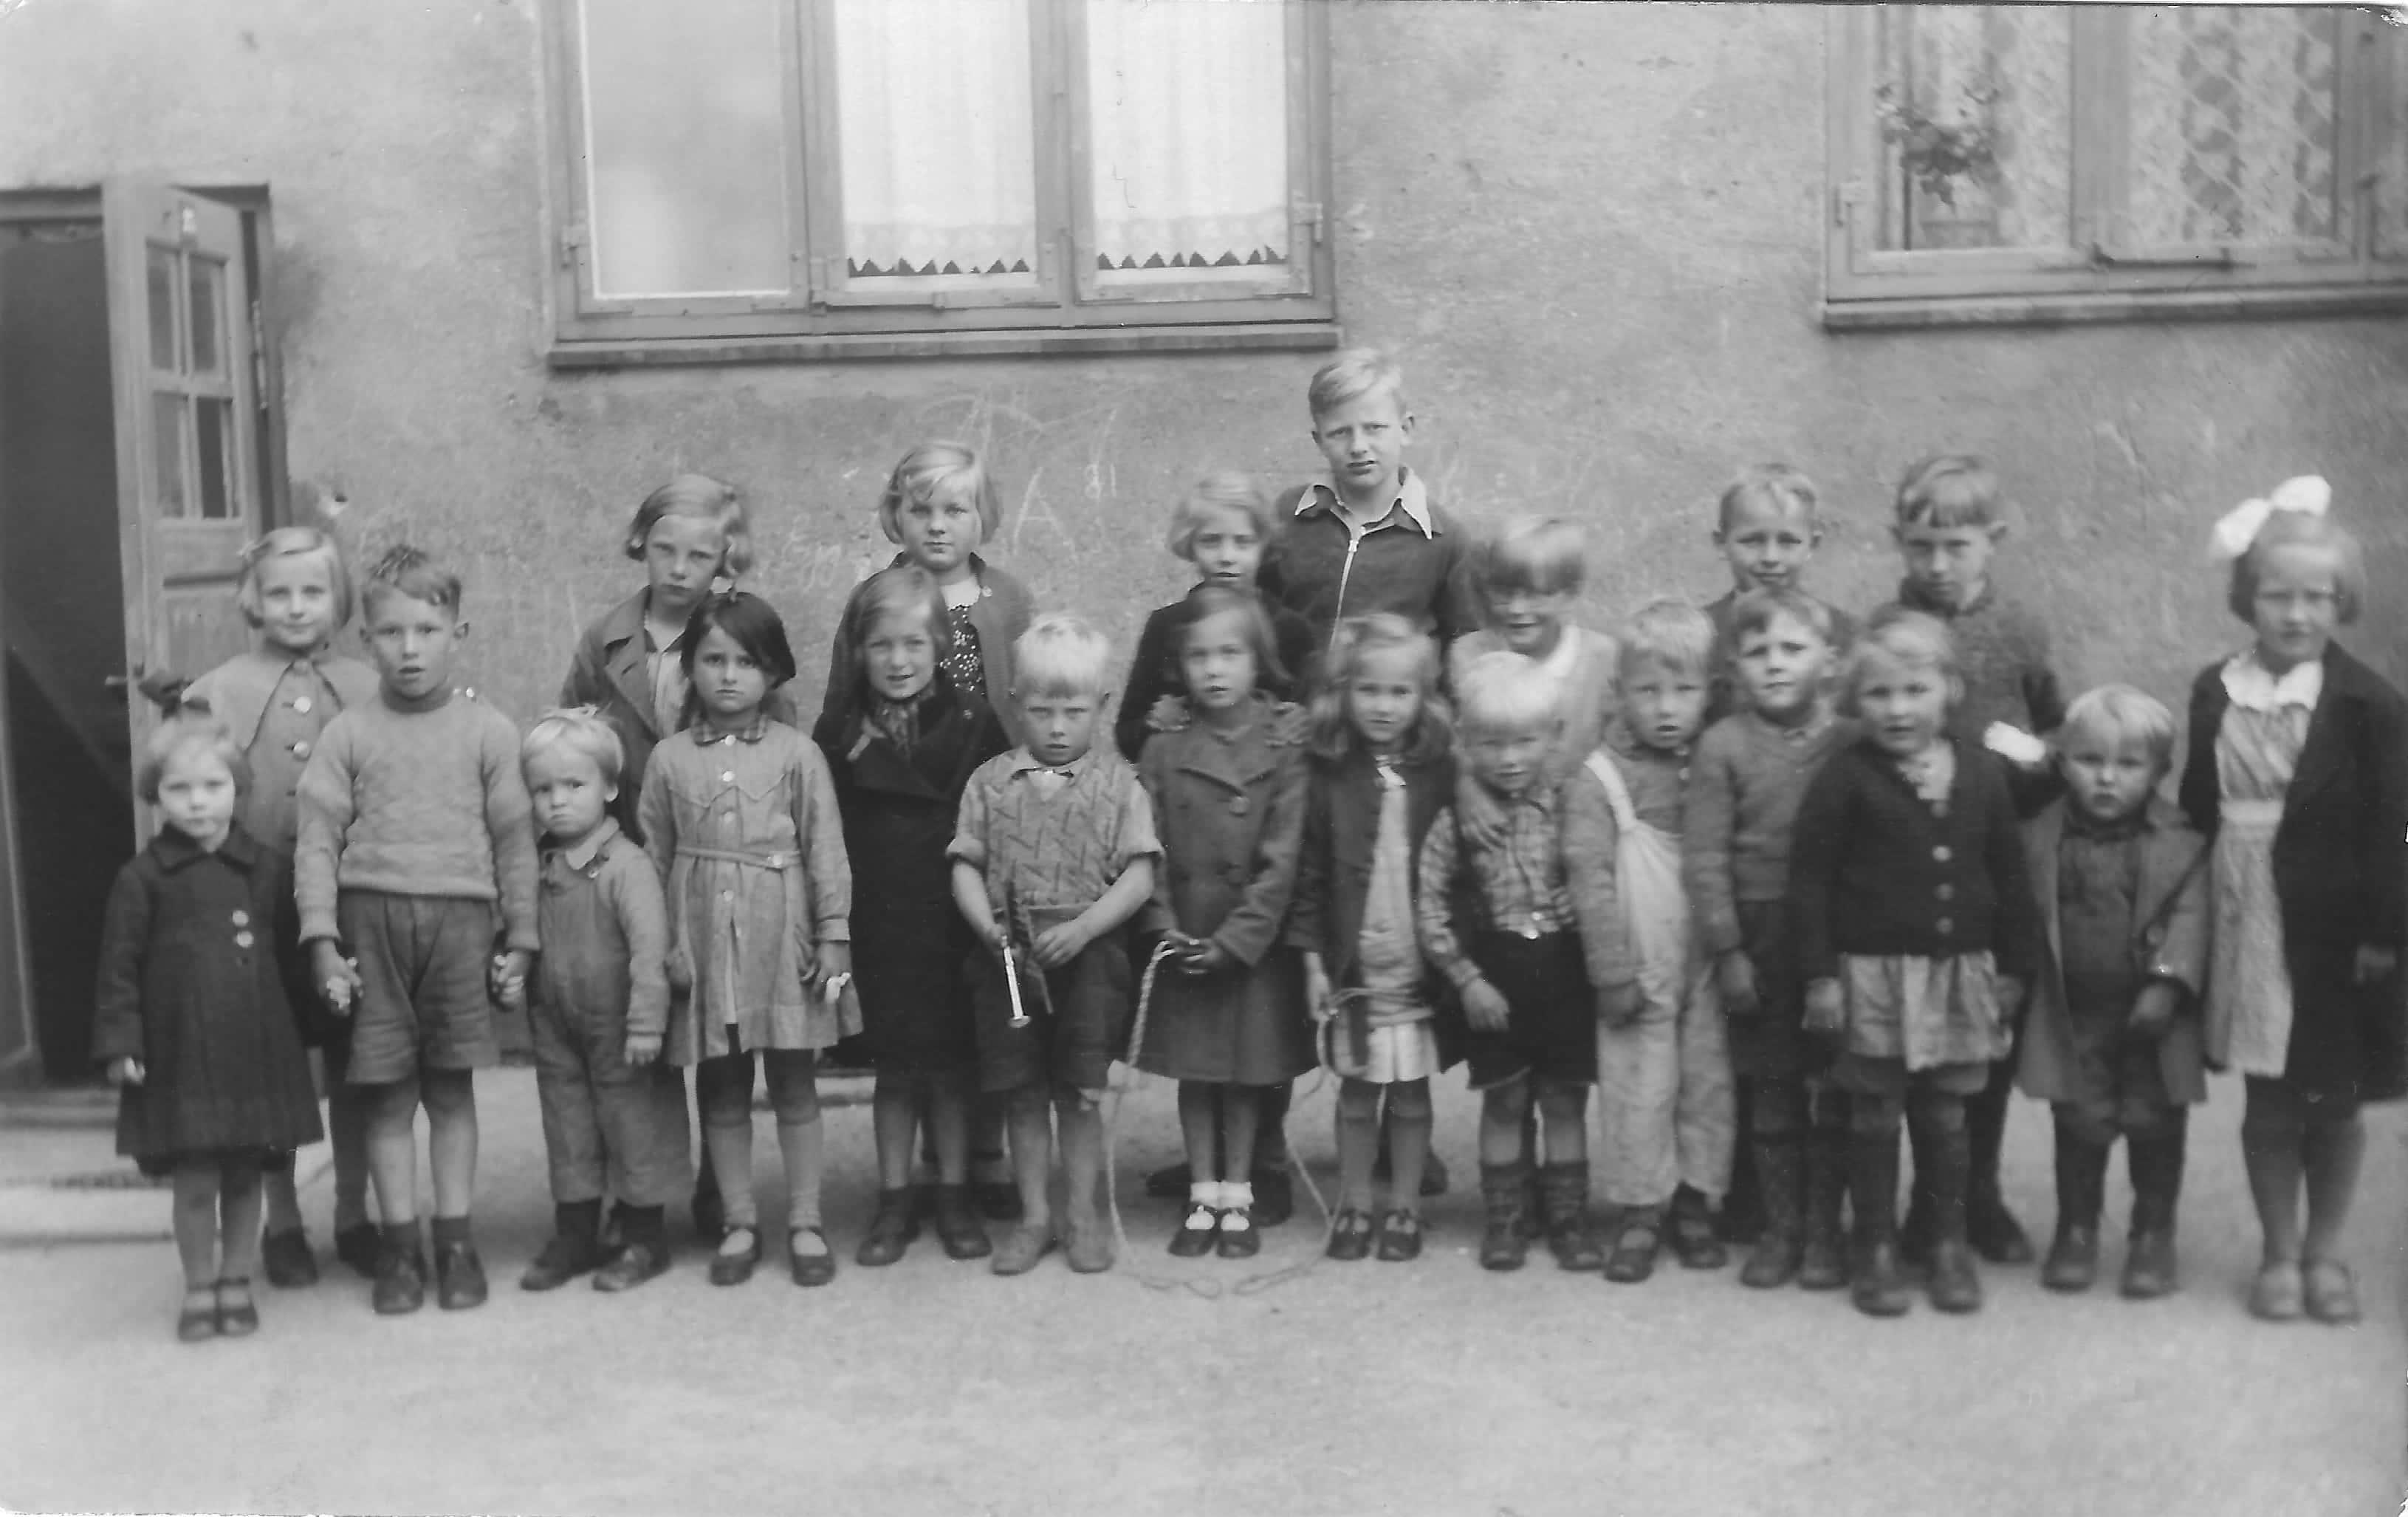 Børn i A/B Tjenestemændenes Byggeforenings gård omkring 1938